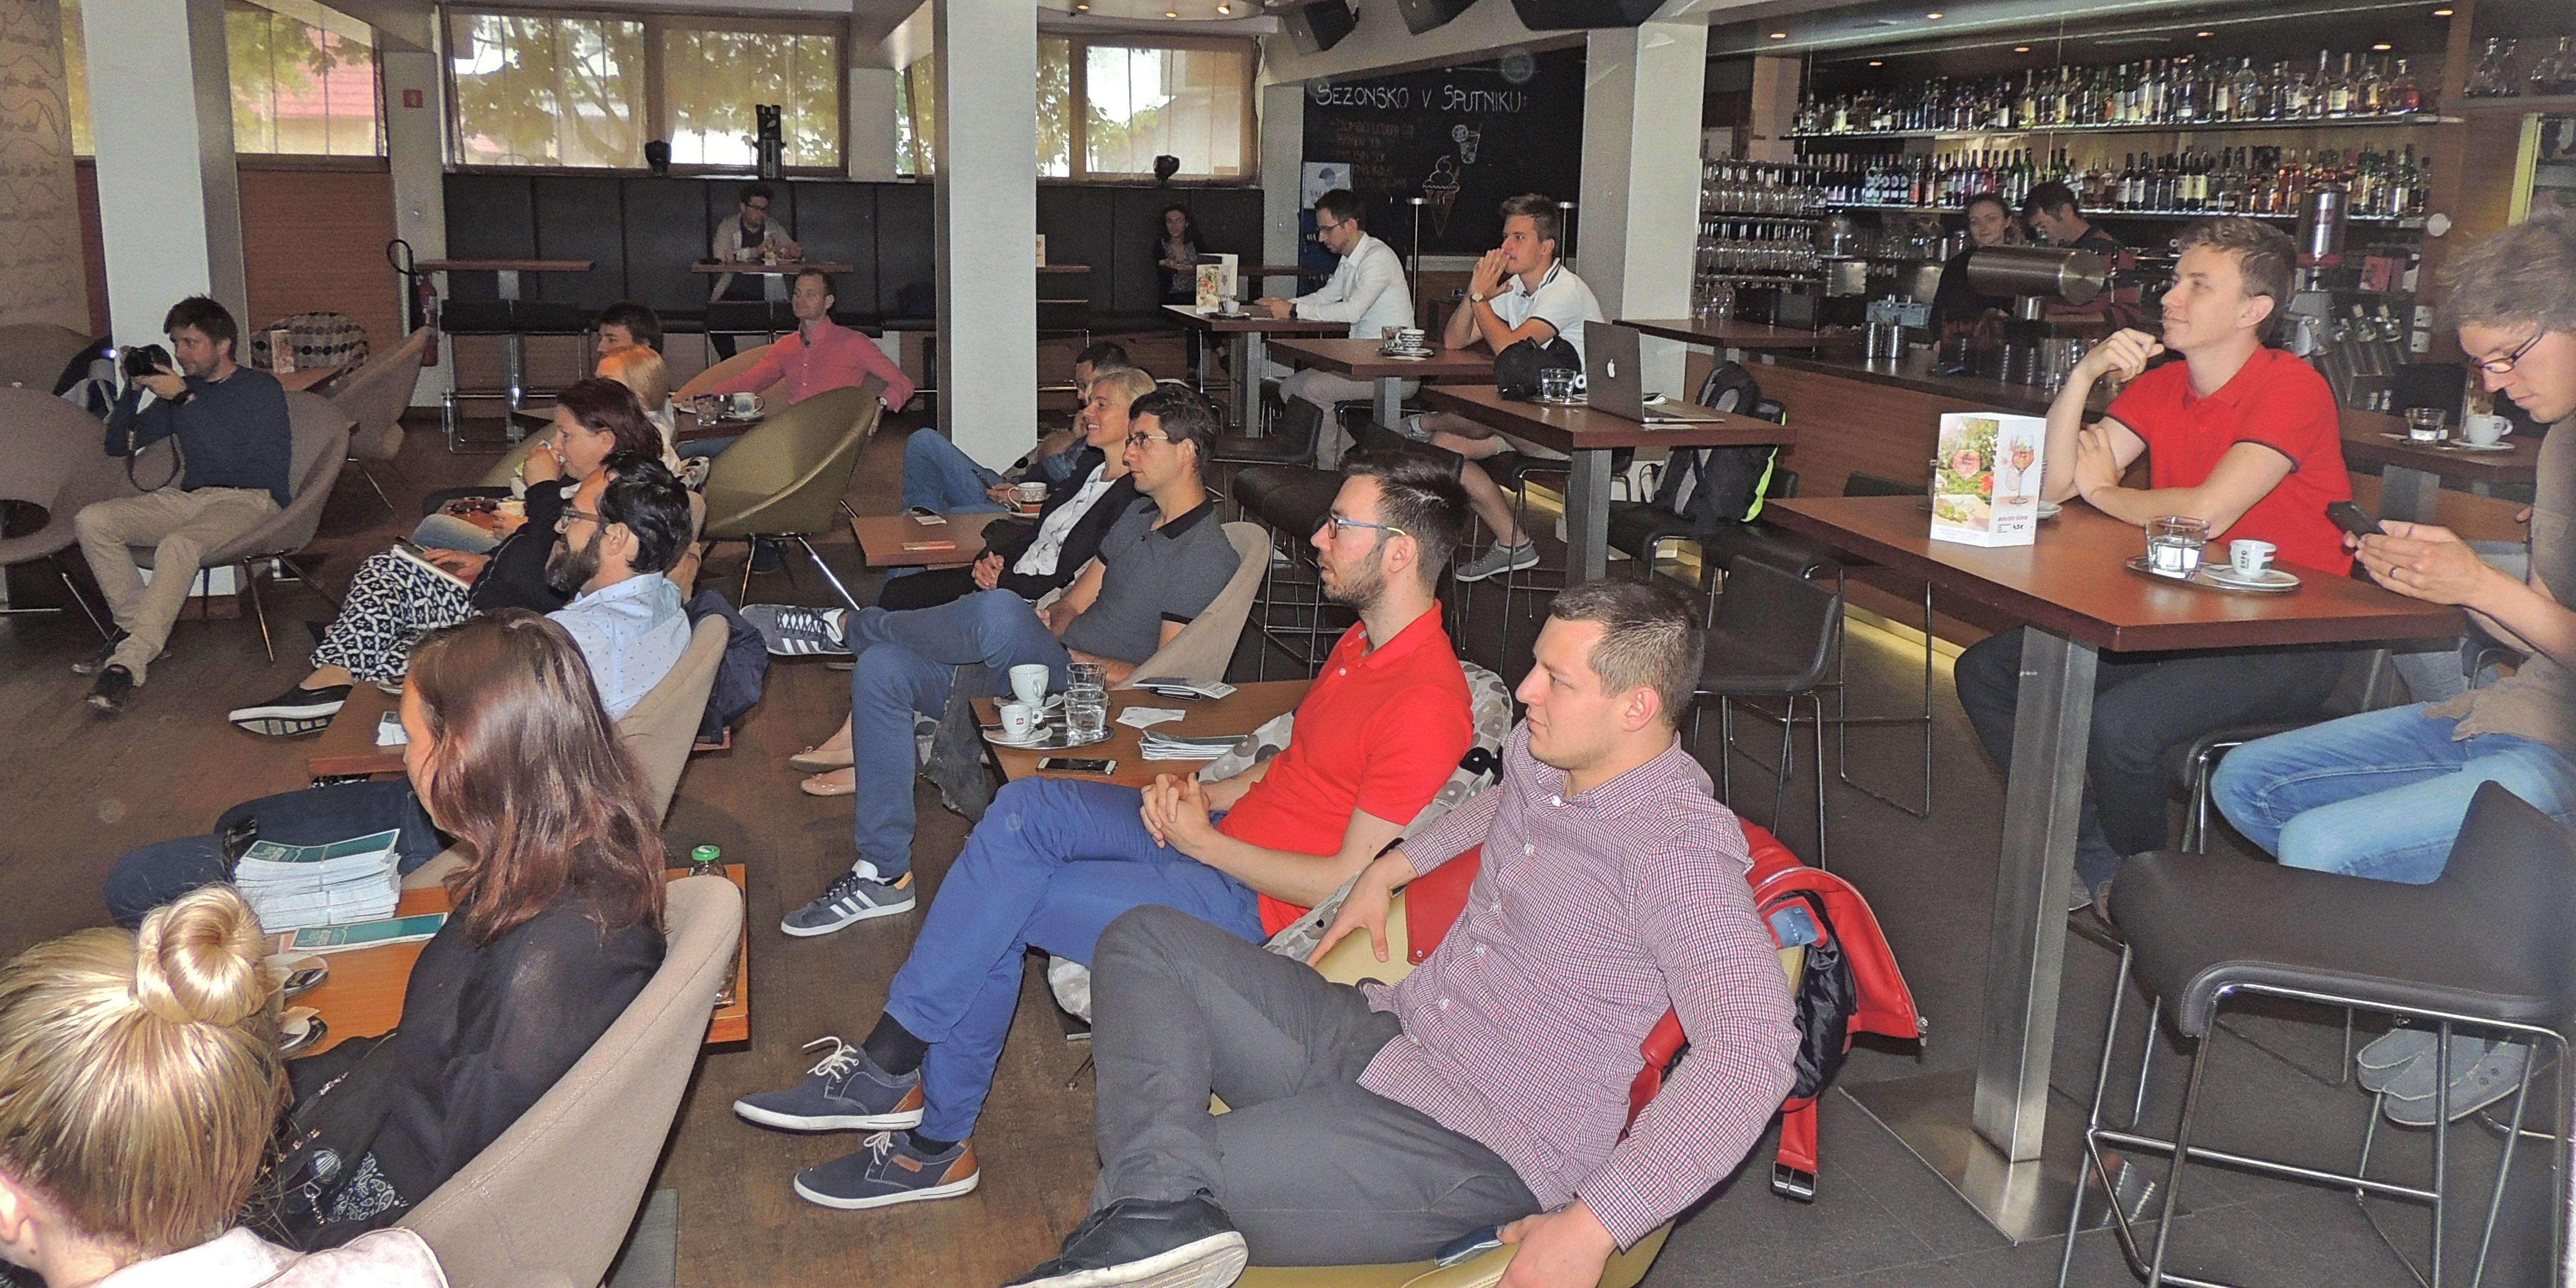 startup-cafe-publika